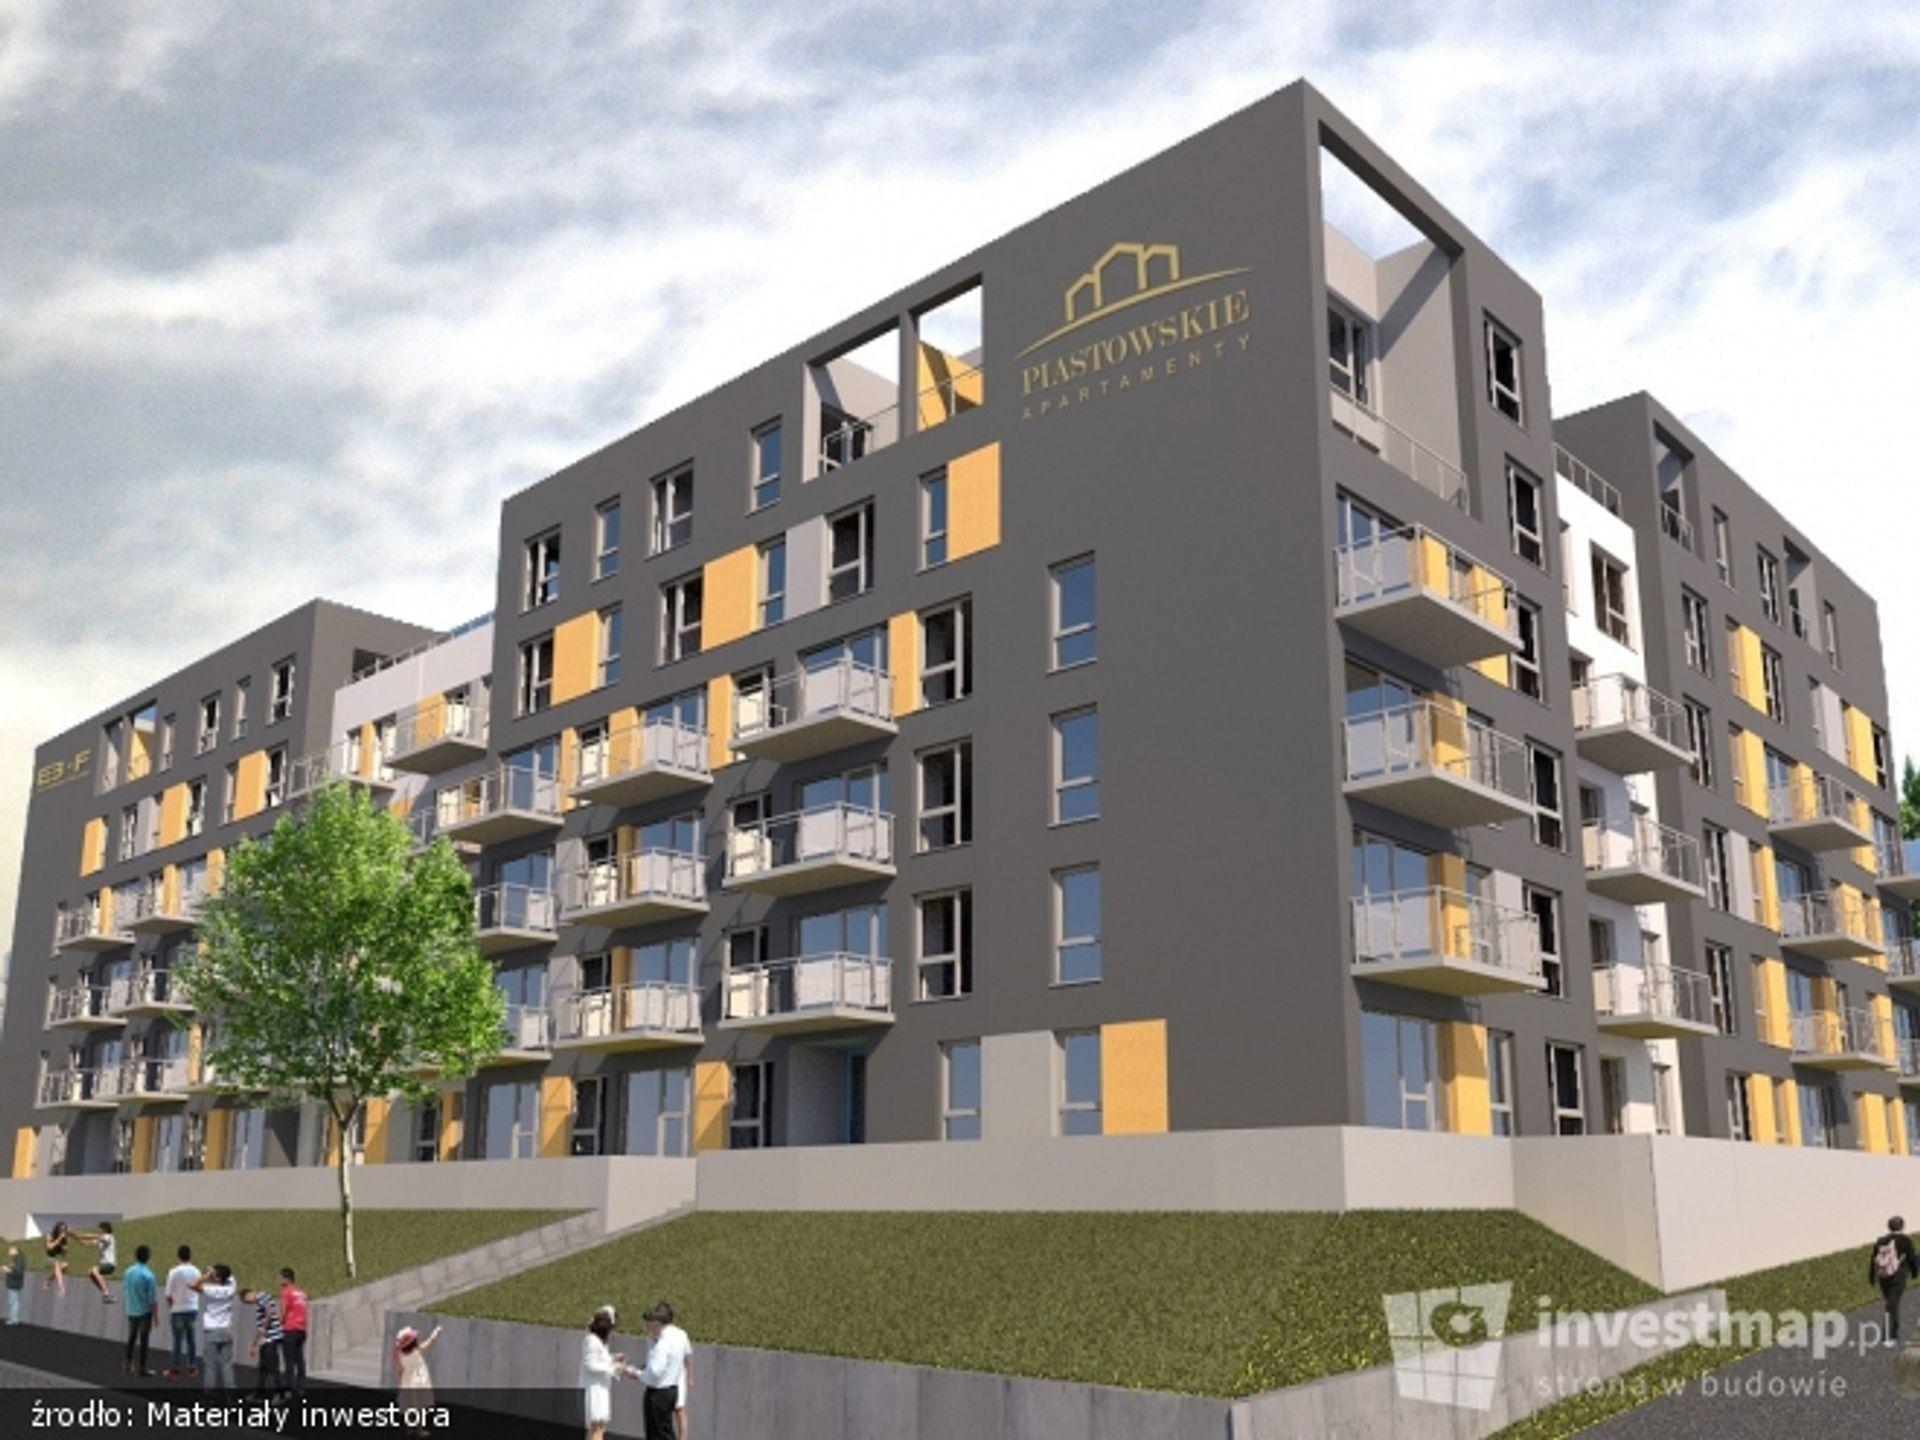 [Zielona Góra] Nowa inwestycja w Zielonej Górze – Piastowskie Apartamenty